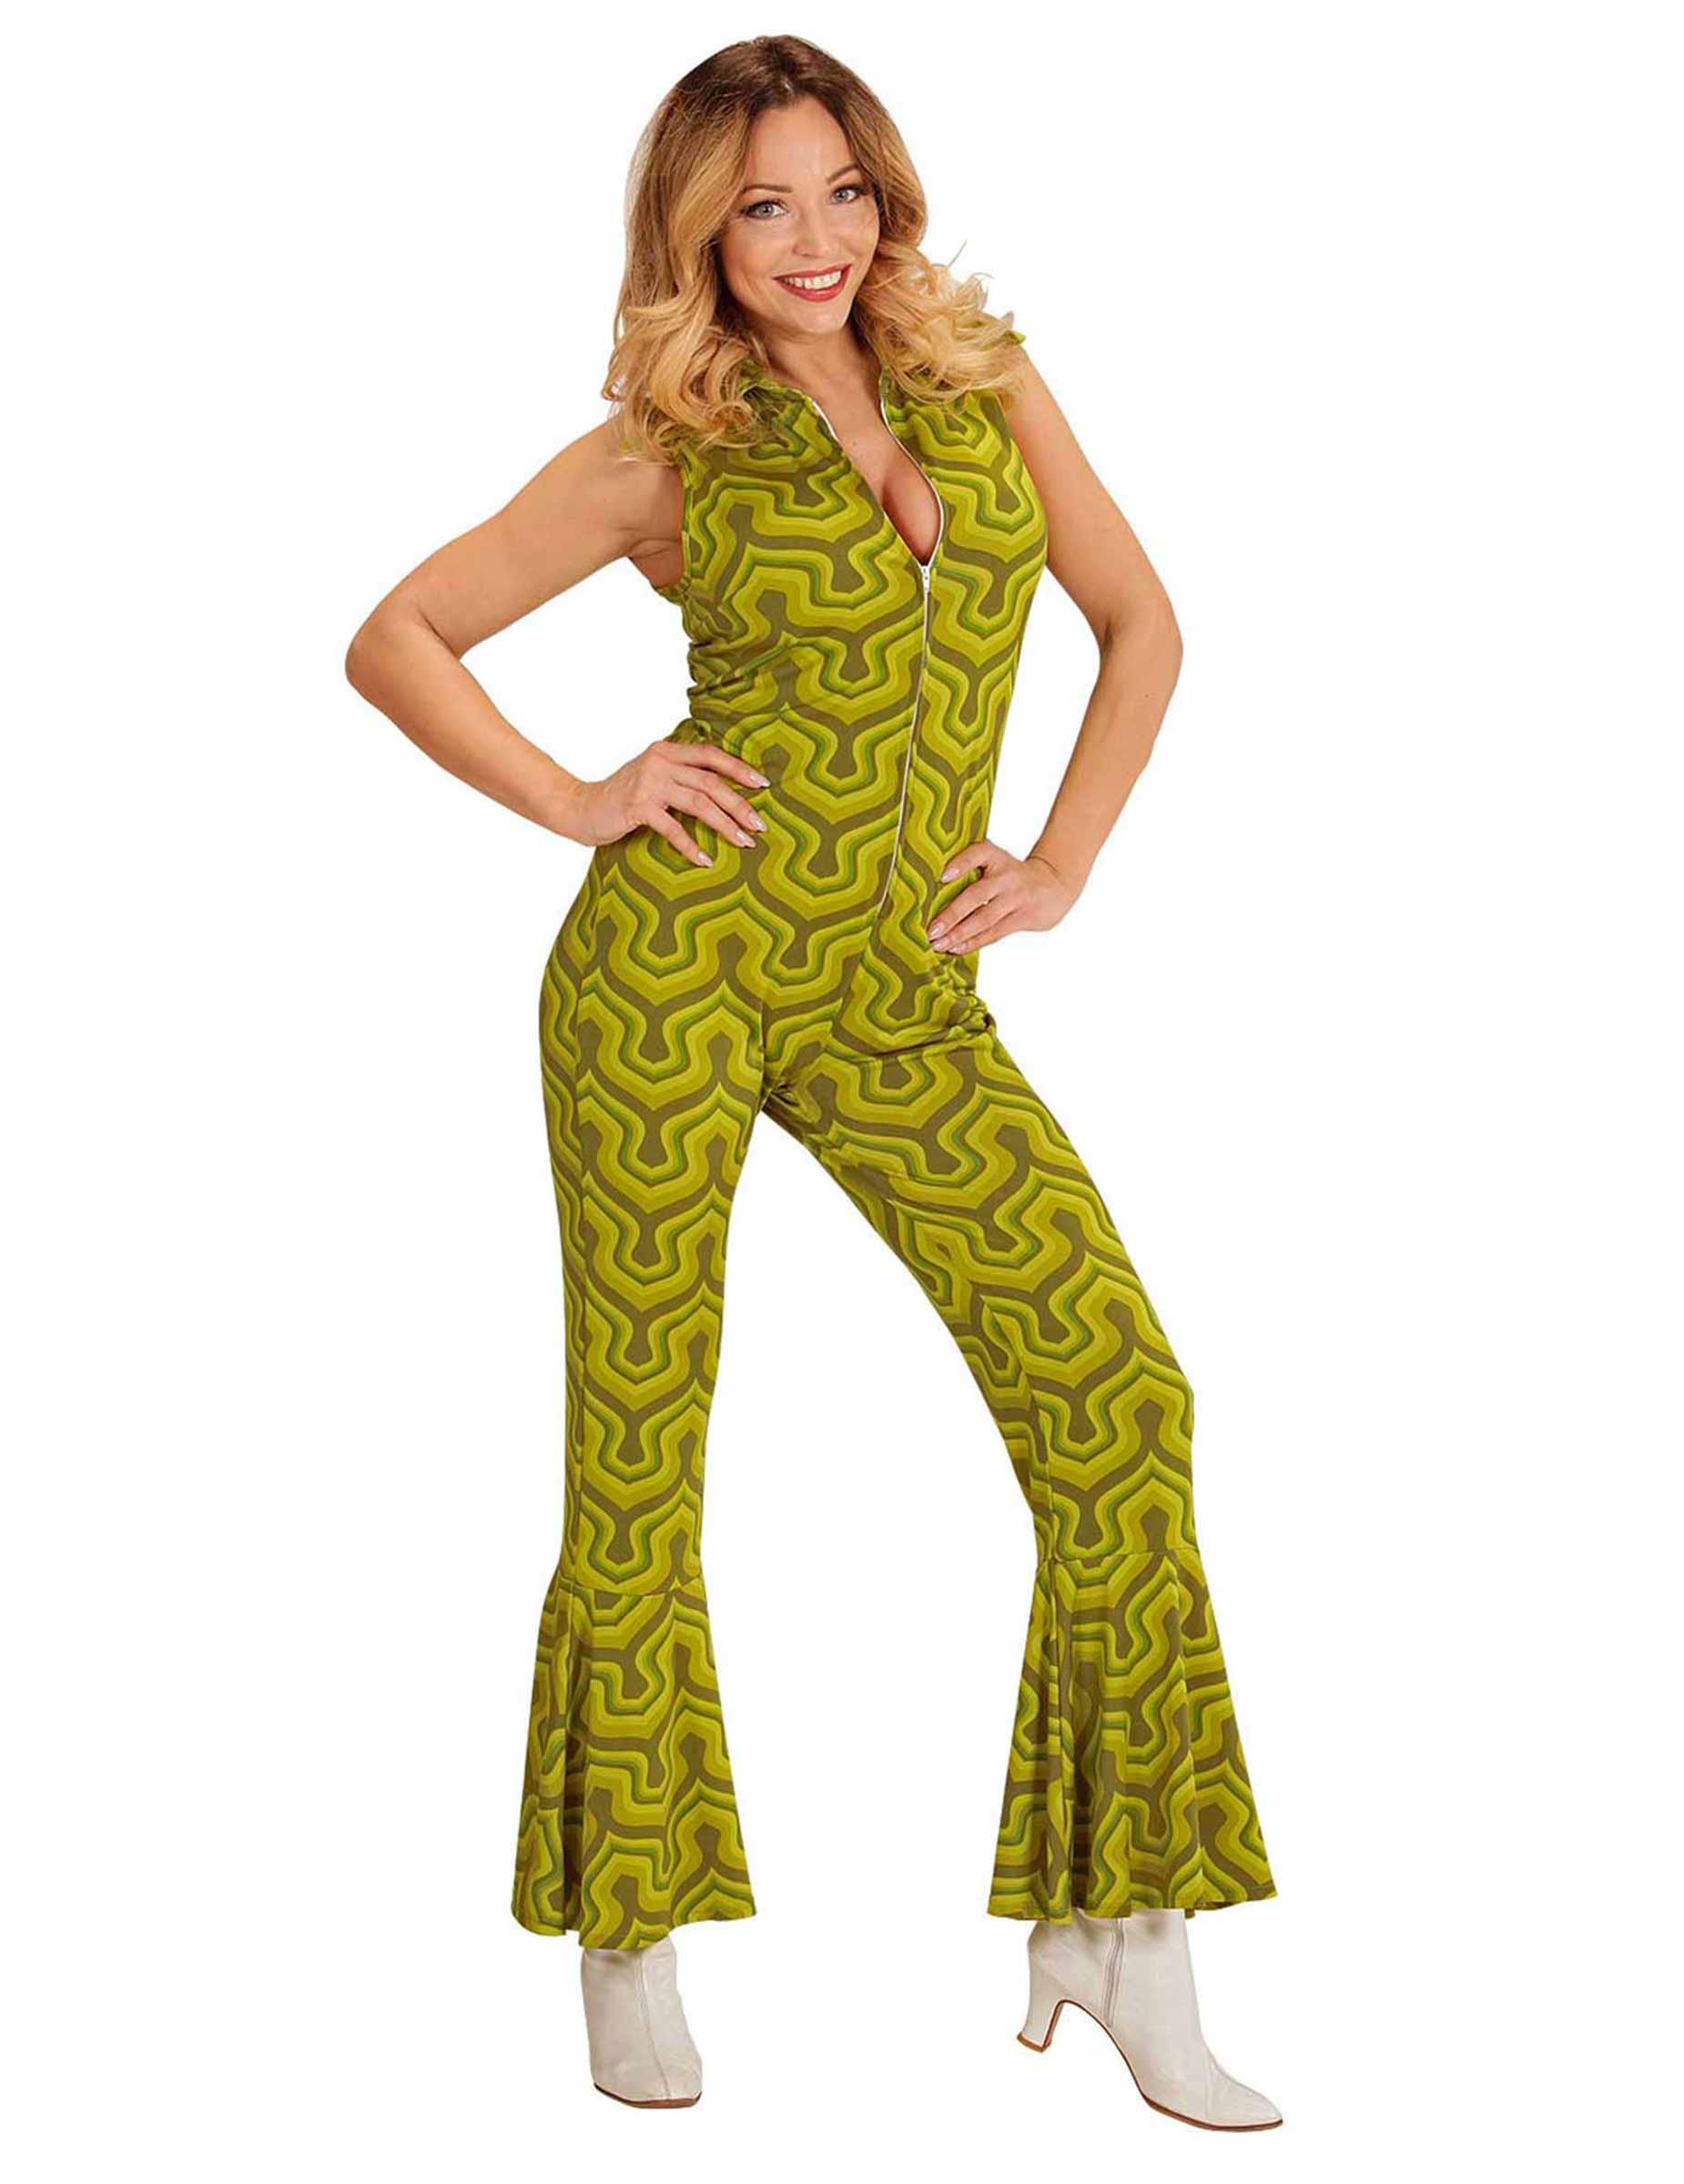 d guisement combinaison groovy vert ann es 70 femme deguise toi achat de d guisements adultes. Black Bedroom Furniture Sets. Home Design Ideas